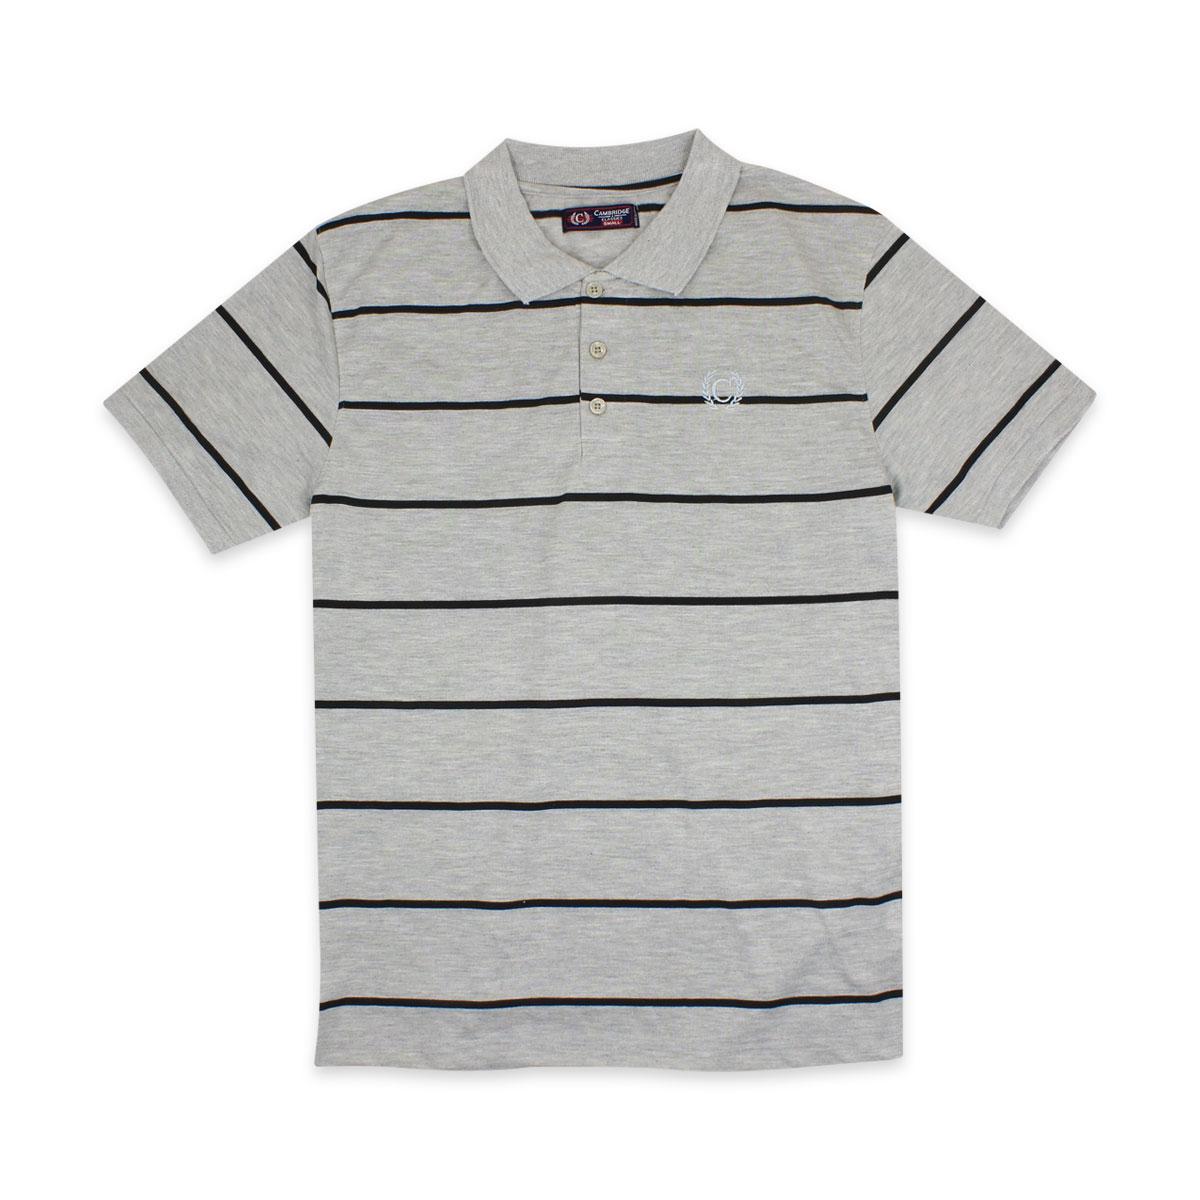 Camisas-Polo-Para-Hombre-A-Rayas-Pique-Con-Cuello-camiseta-Camiseta-Manga-Corta-De-Verano-S-M-L-XL miniatura 55